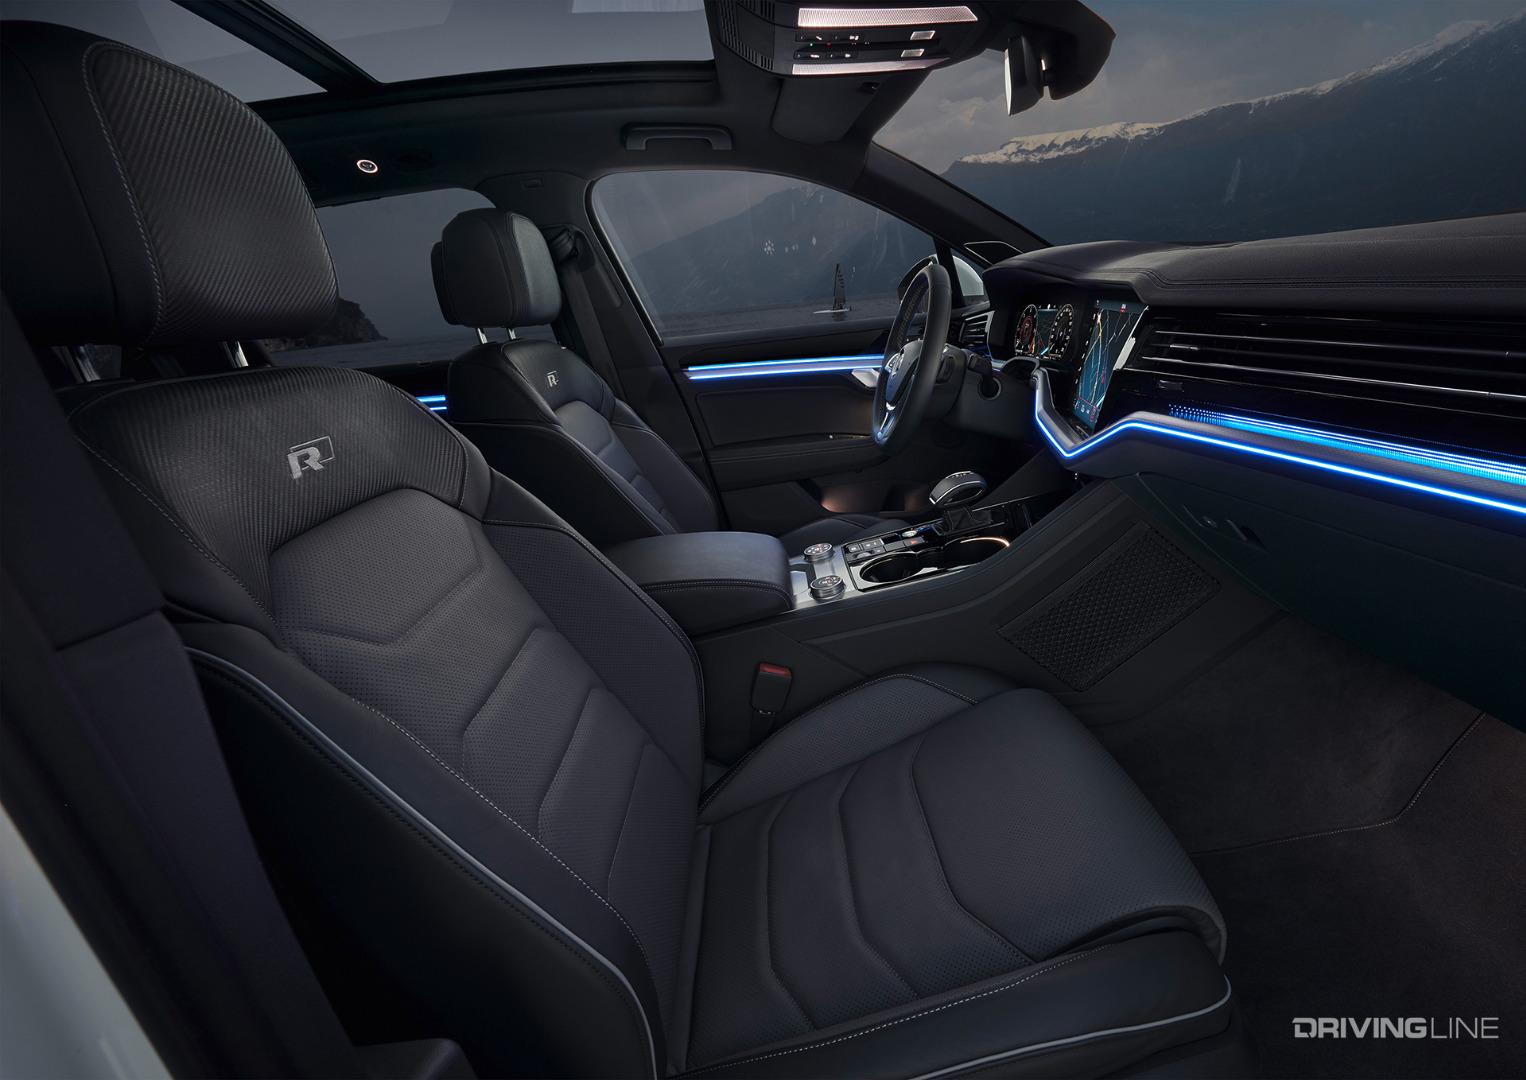 Get 2020 Volkswagen Touareg V8 Tdi R-Line